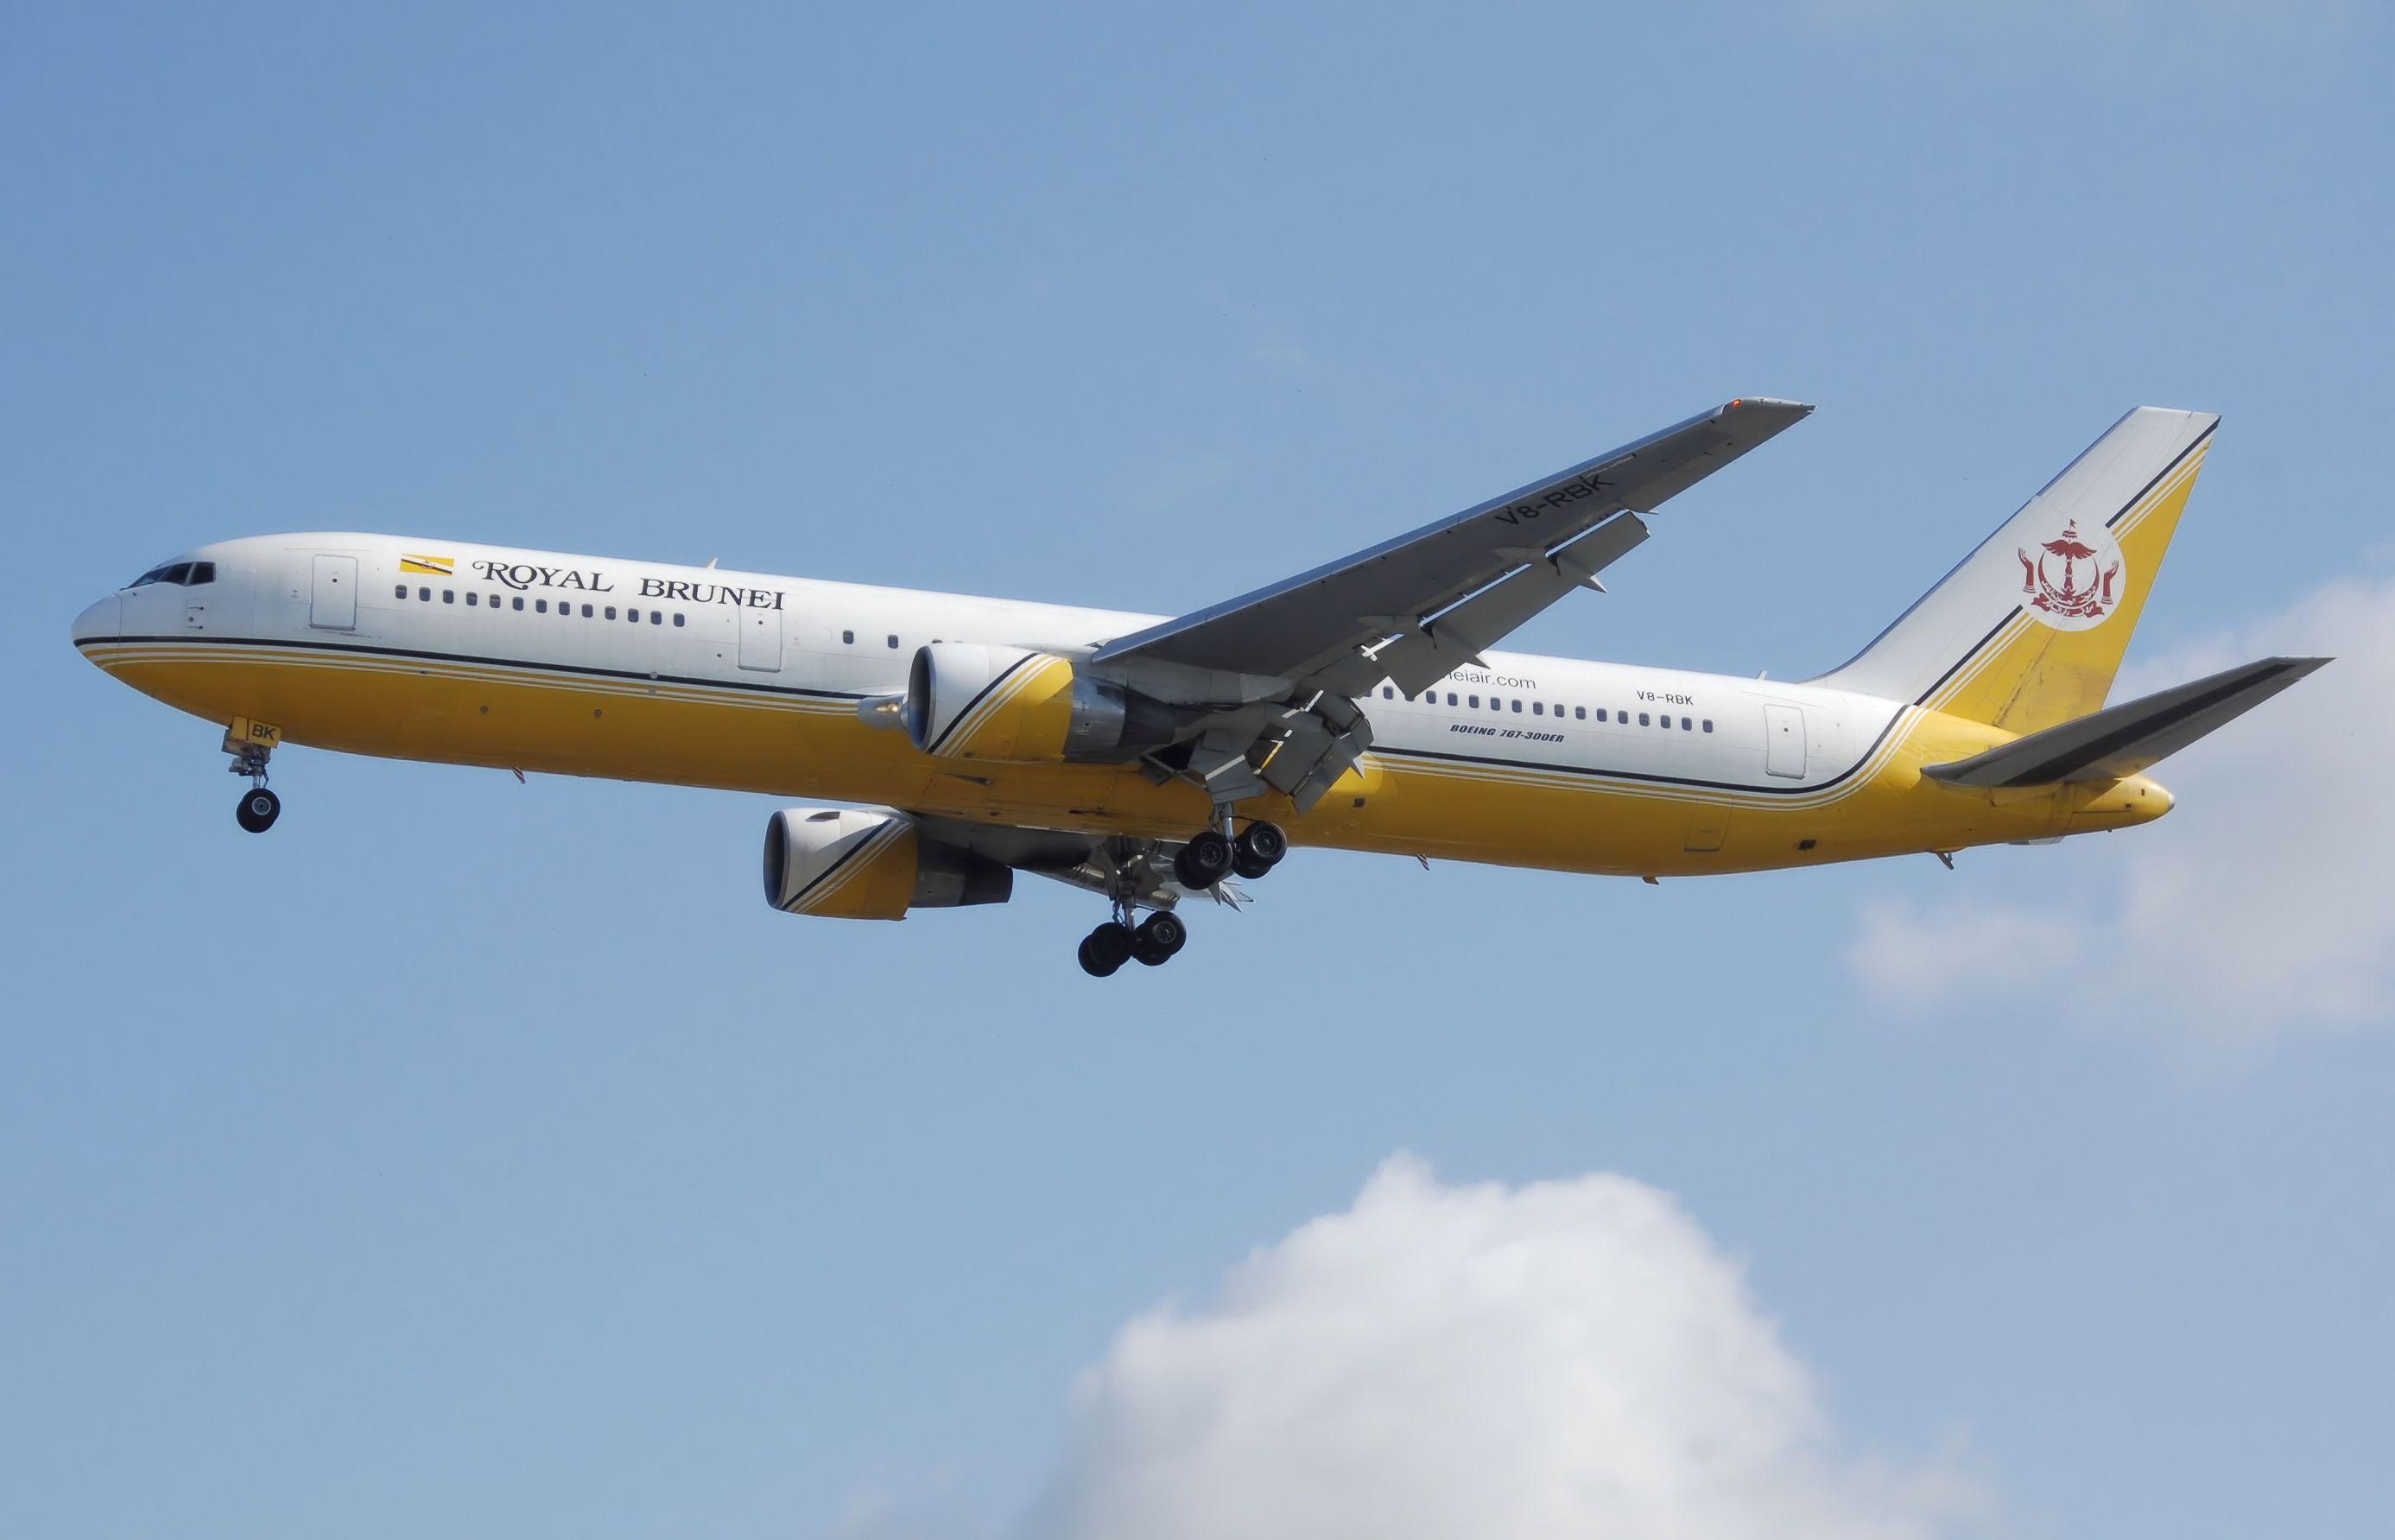 Royal Brunei Airlines täglich von London nach Melbourne von Falk Werner · http://reisefm.de/luftfahrt/royal-brunei-airlines-taeglich-von-london-nach-melbourne/ · Die Royal Brunei Airlines fliegt mit dem Dreamliner täglich von London-Heathrow nach Melbourne mit Zwischenstopp in Dubai und Brunei.